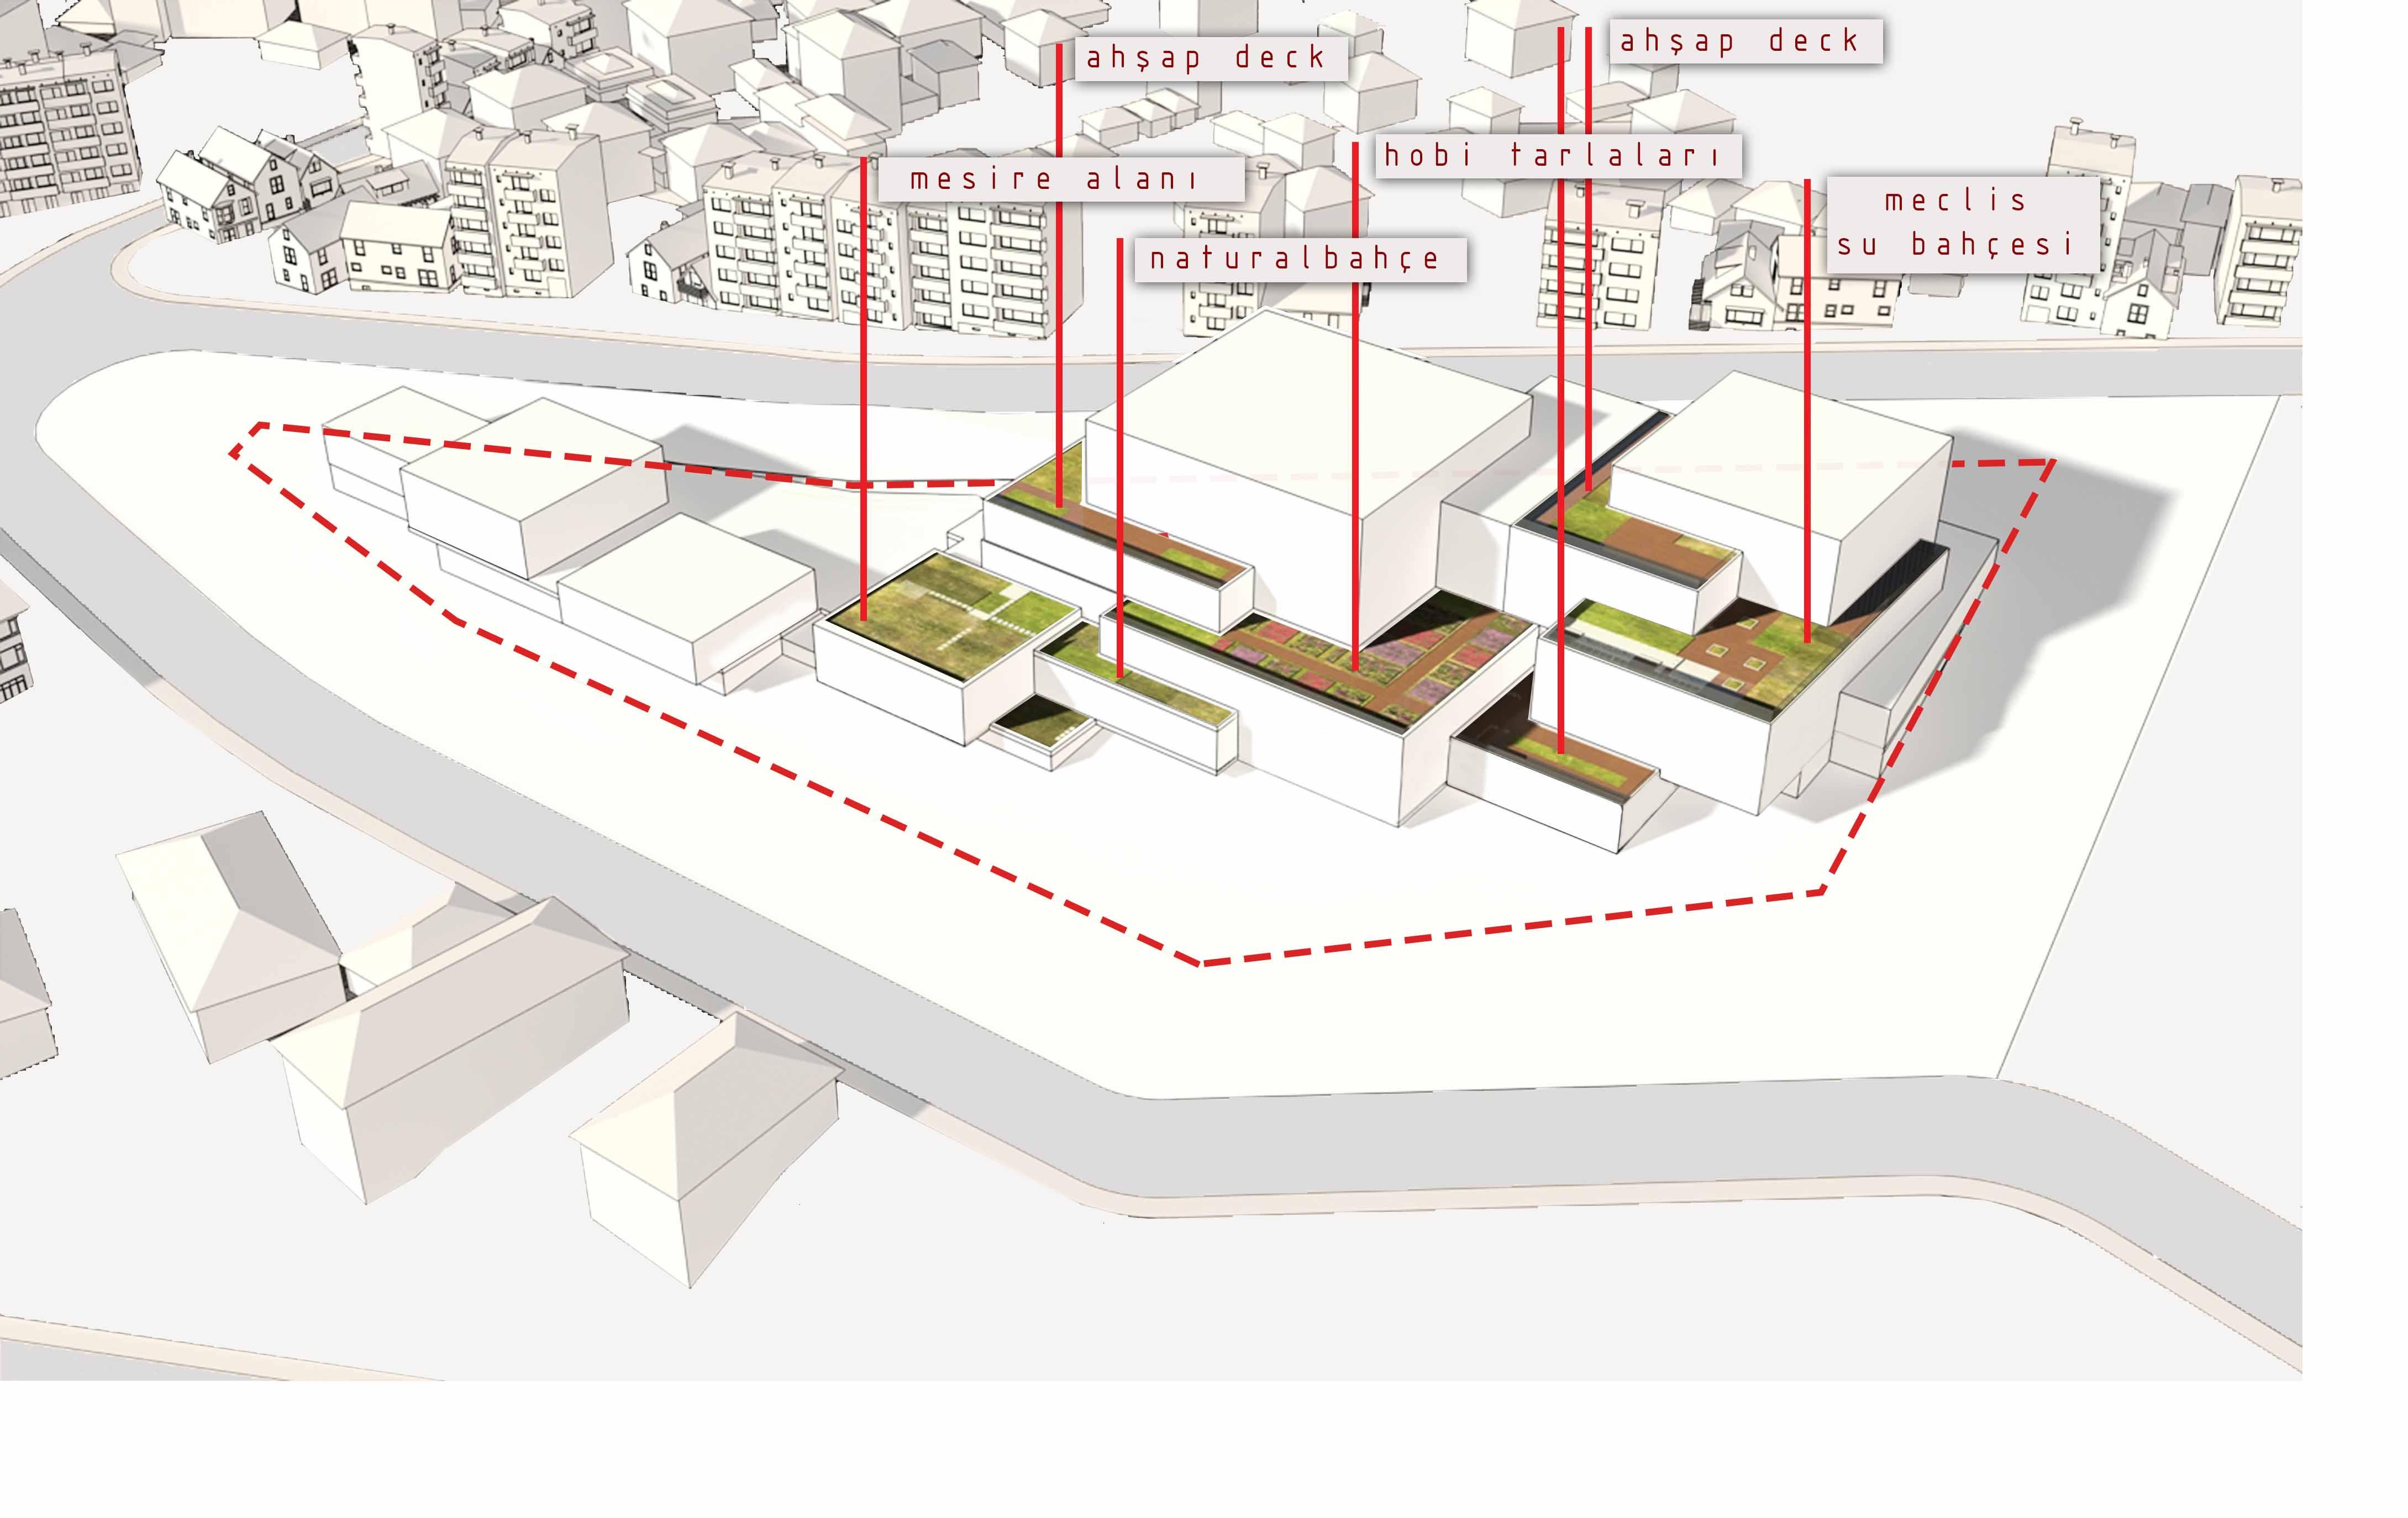 dodofis mimarlık ofisi süleymanpaşa belediye binası diyagram 5